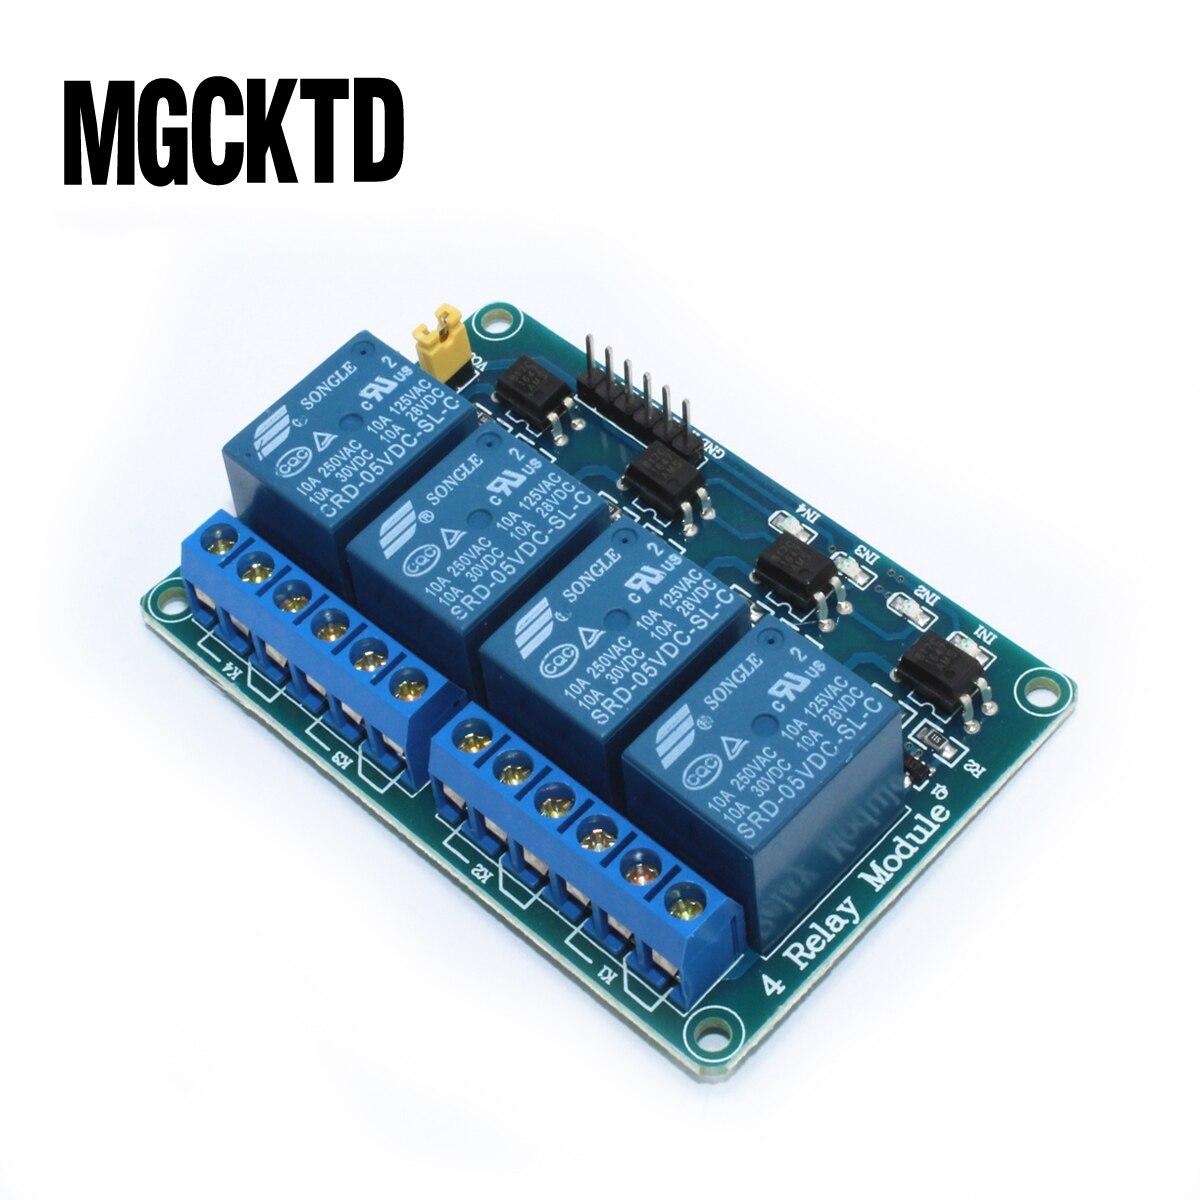 10-pieces-module-de-relais-4-canaux-carte-de-controle-de-relais-4-canaux-avec-optocoupleur-sortie-relais-module-relais-4-voies-pour-font-b-arduino-b-font